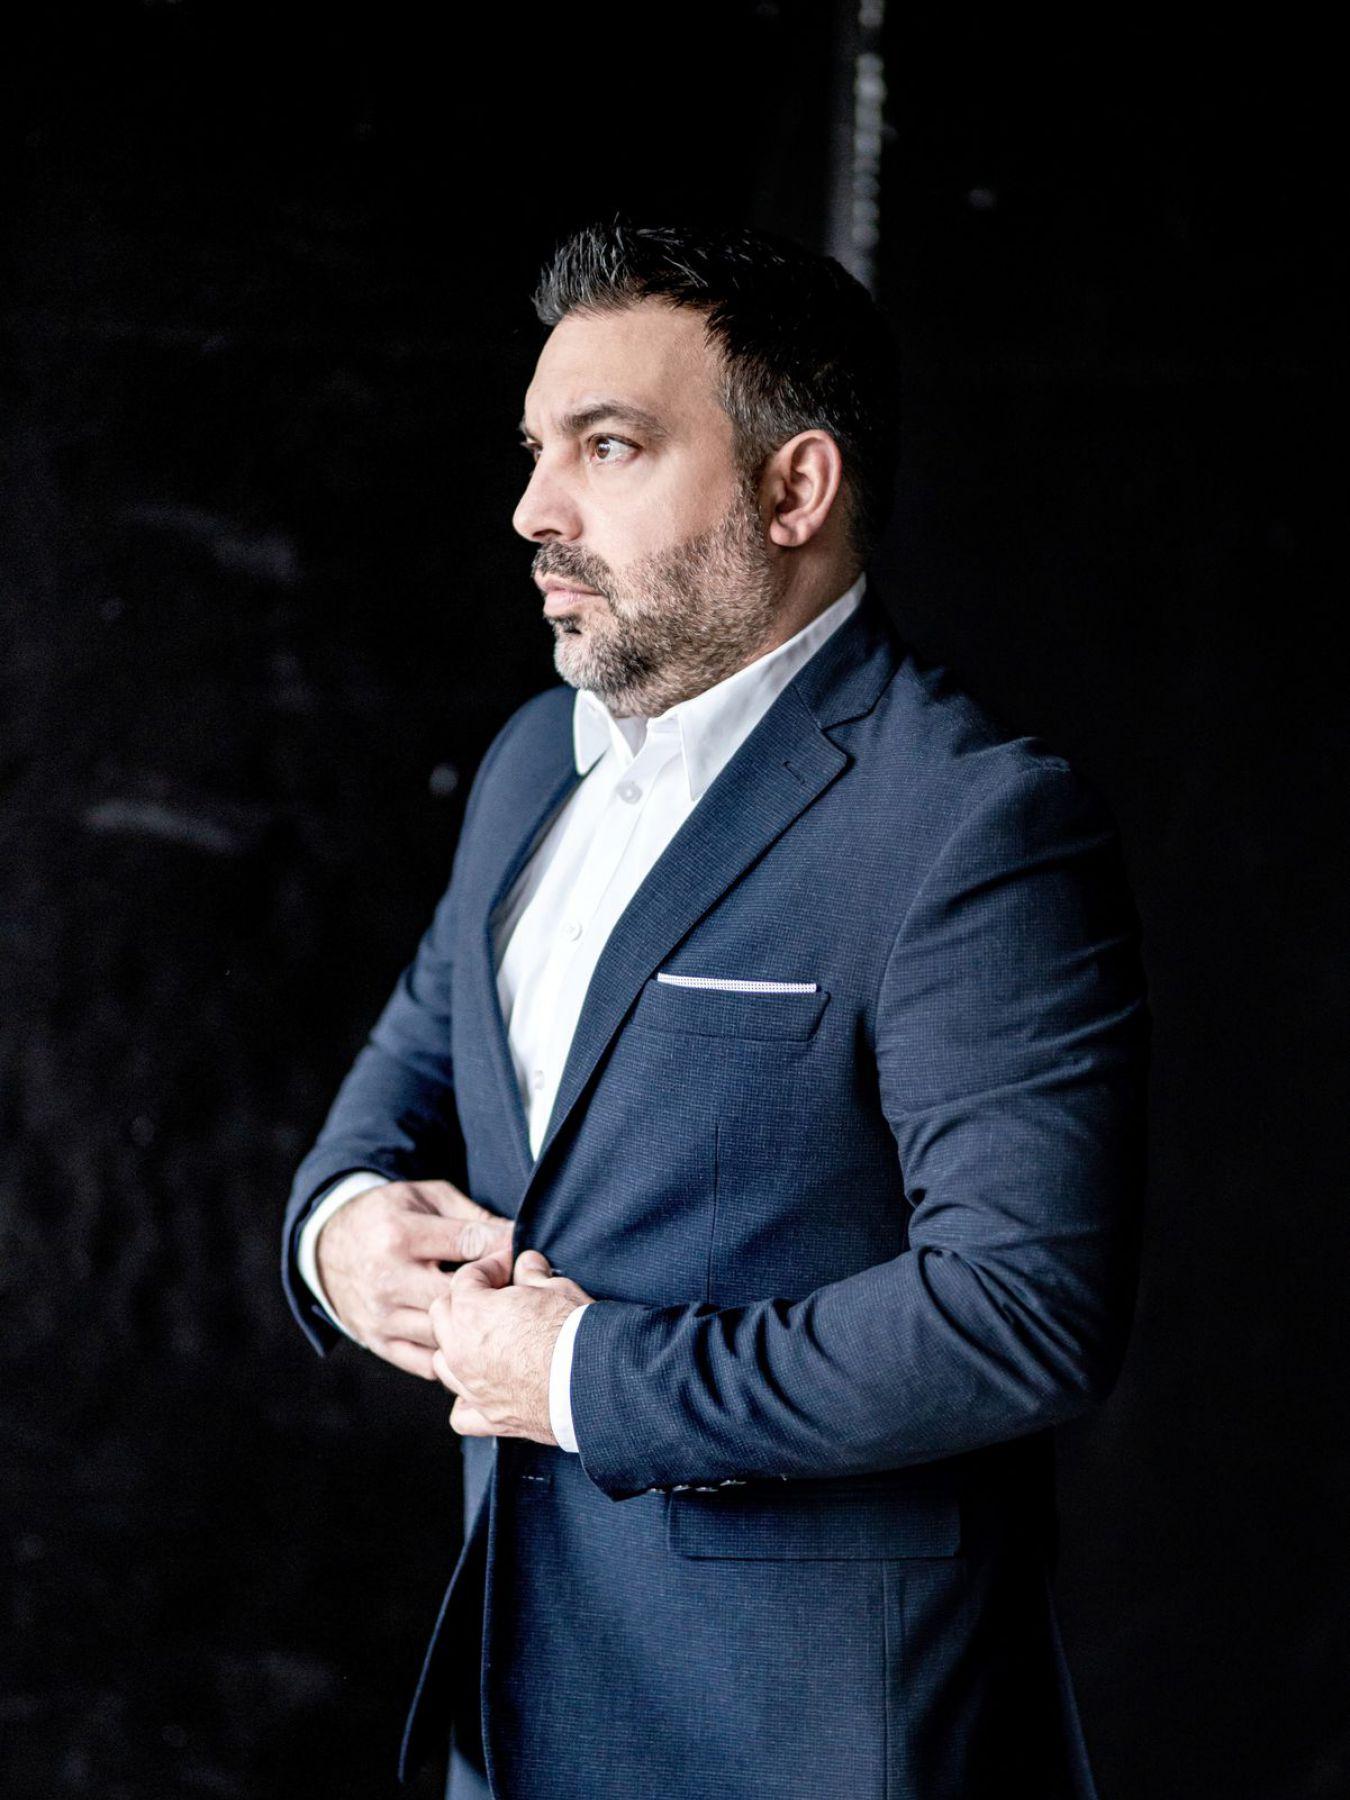 Serkan Cetinkaya, Actors Agency Osman, Schauspielagentur